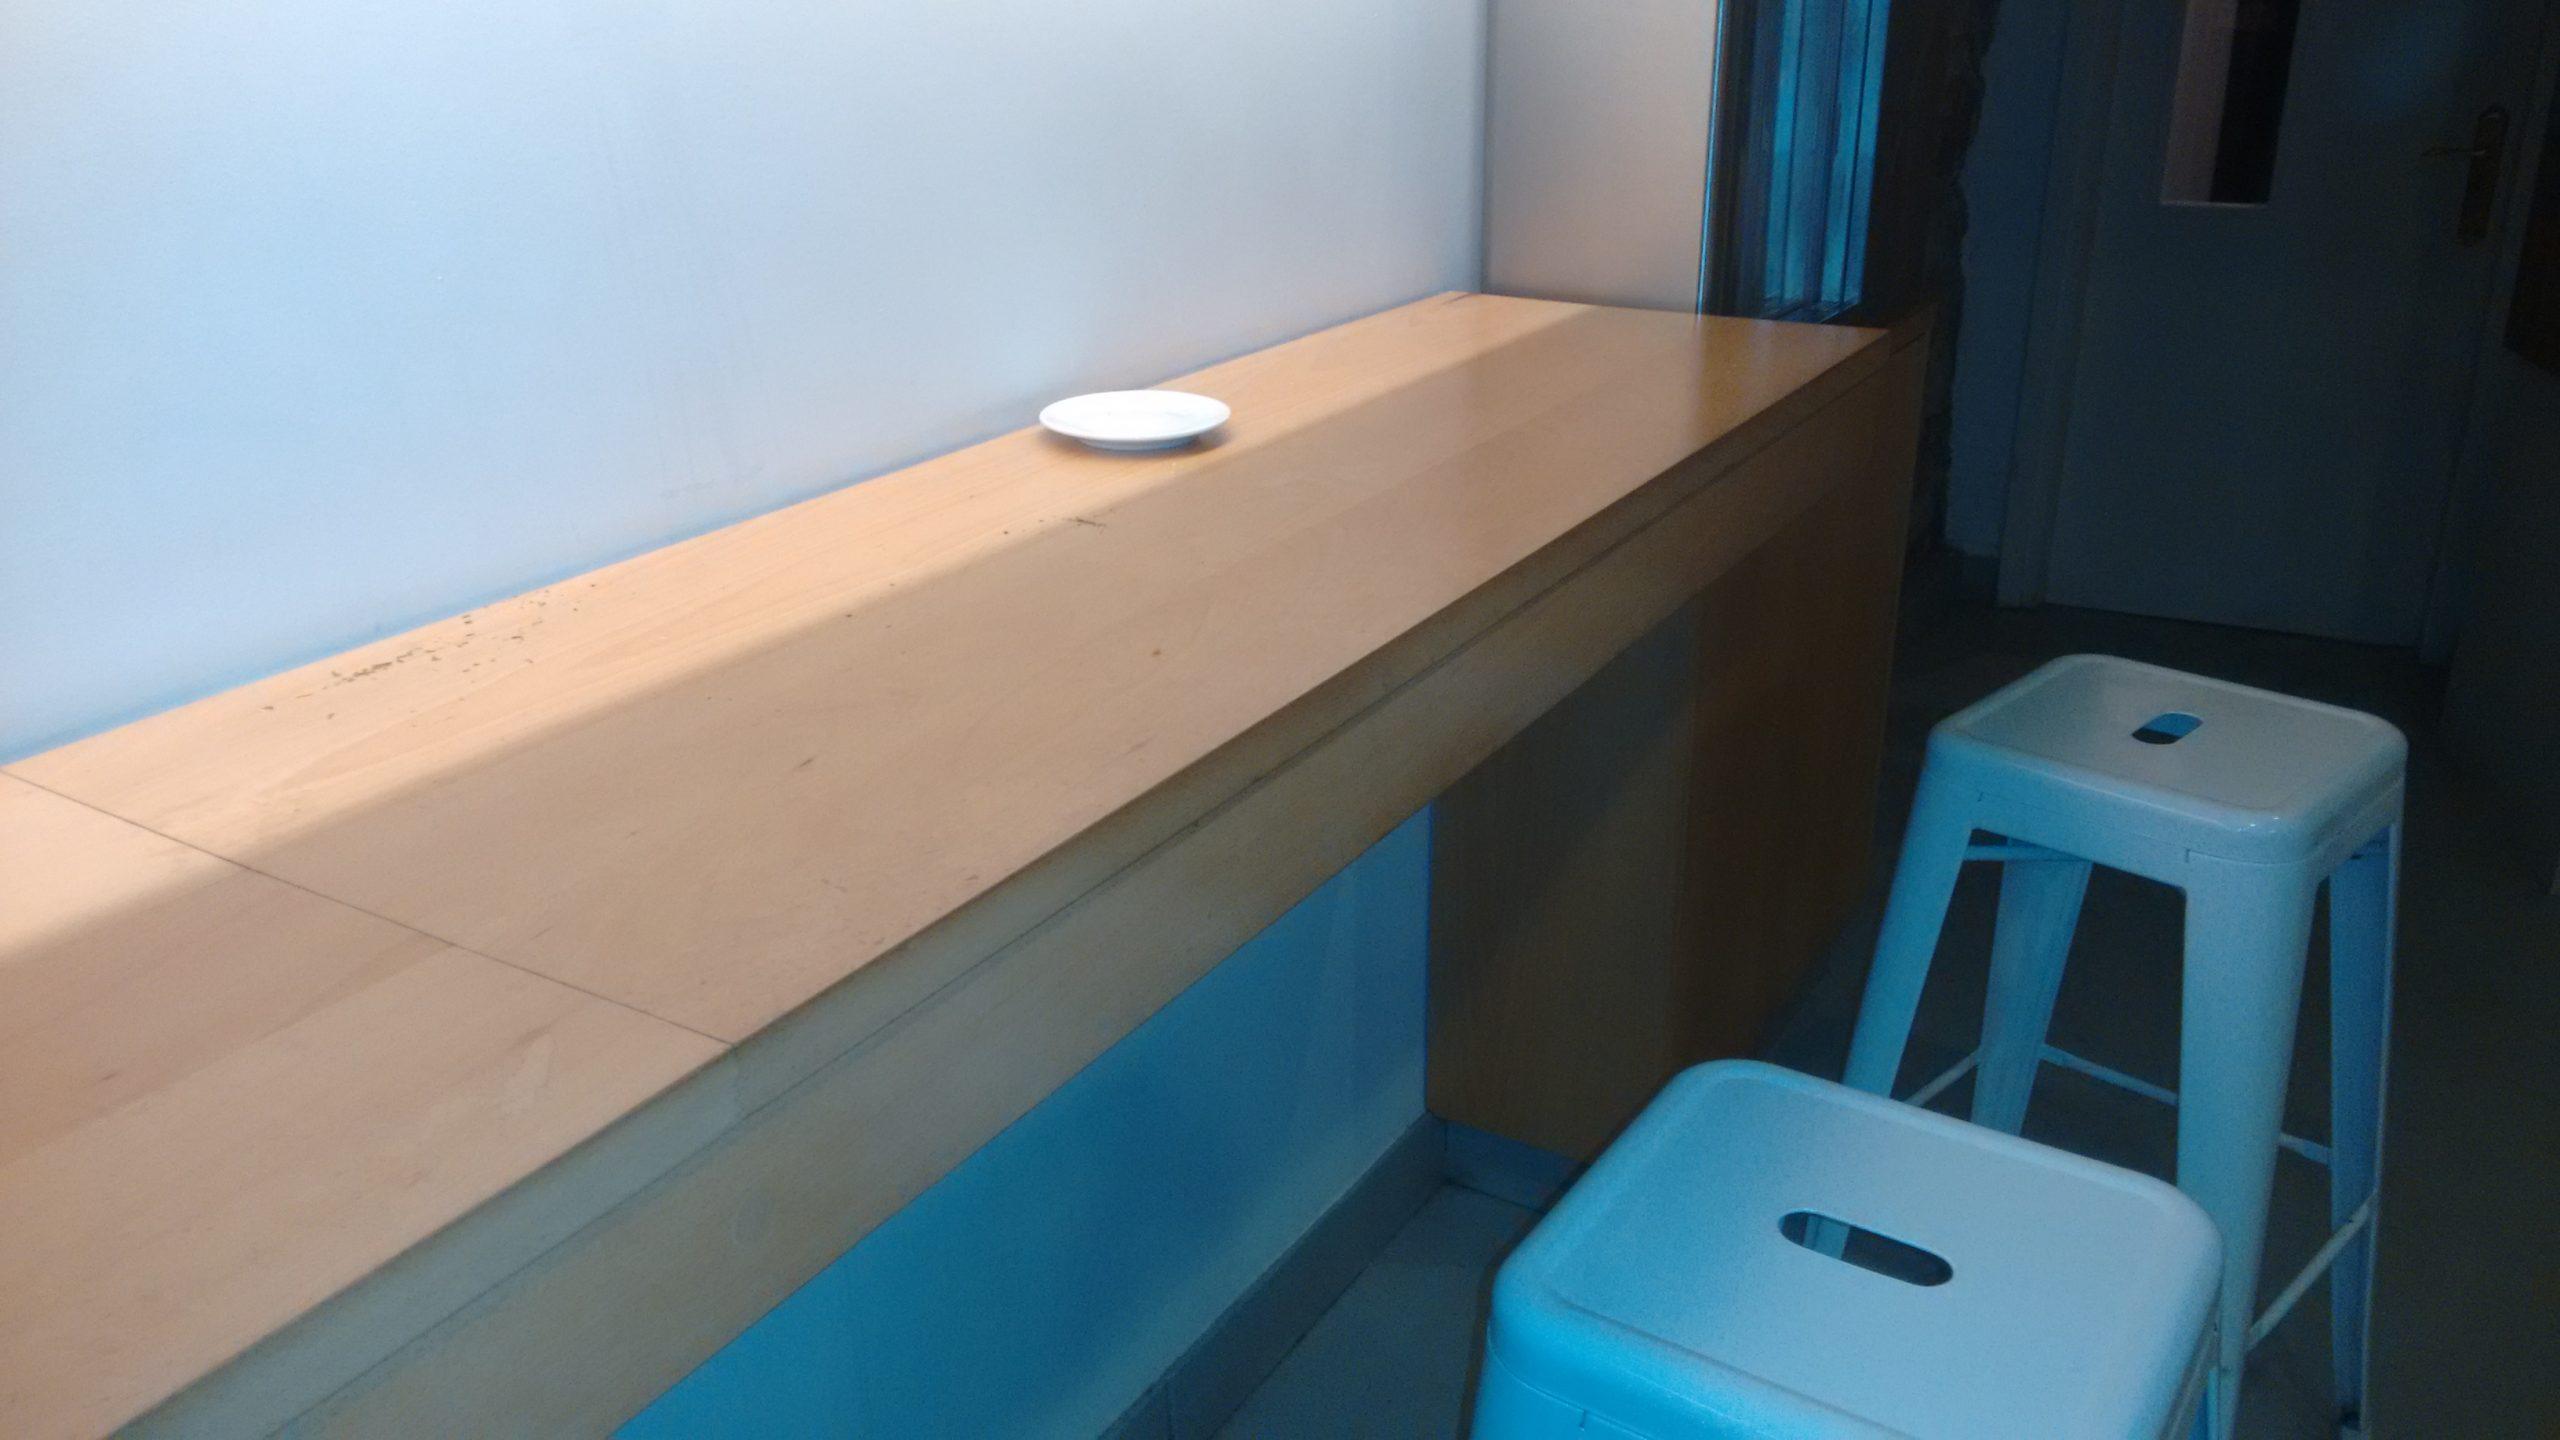 Mesa adosada a la pared